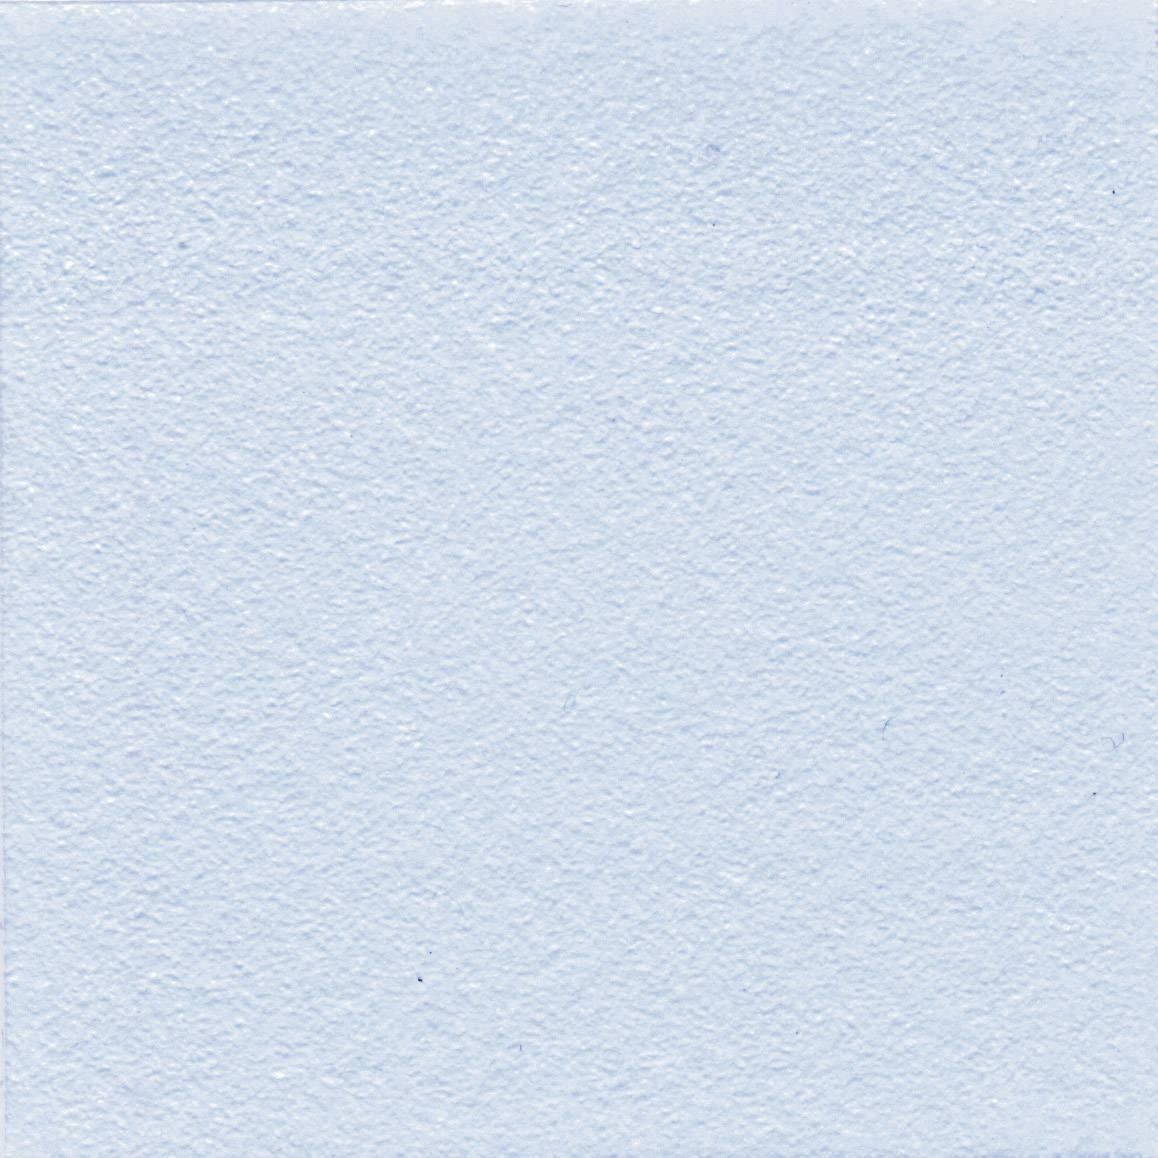 Teplovodivá fólie SoftthermR 86/300 50x50x2 mm